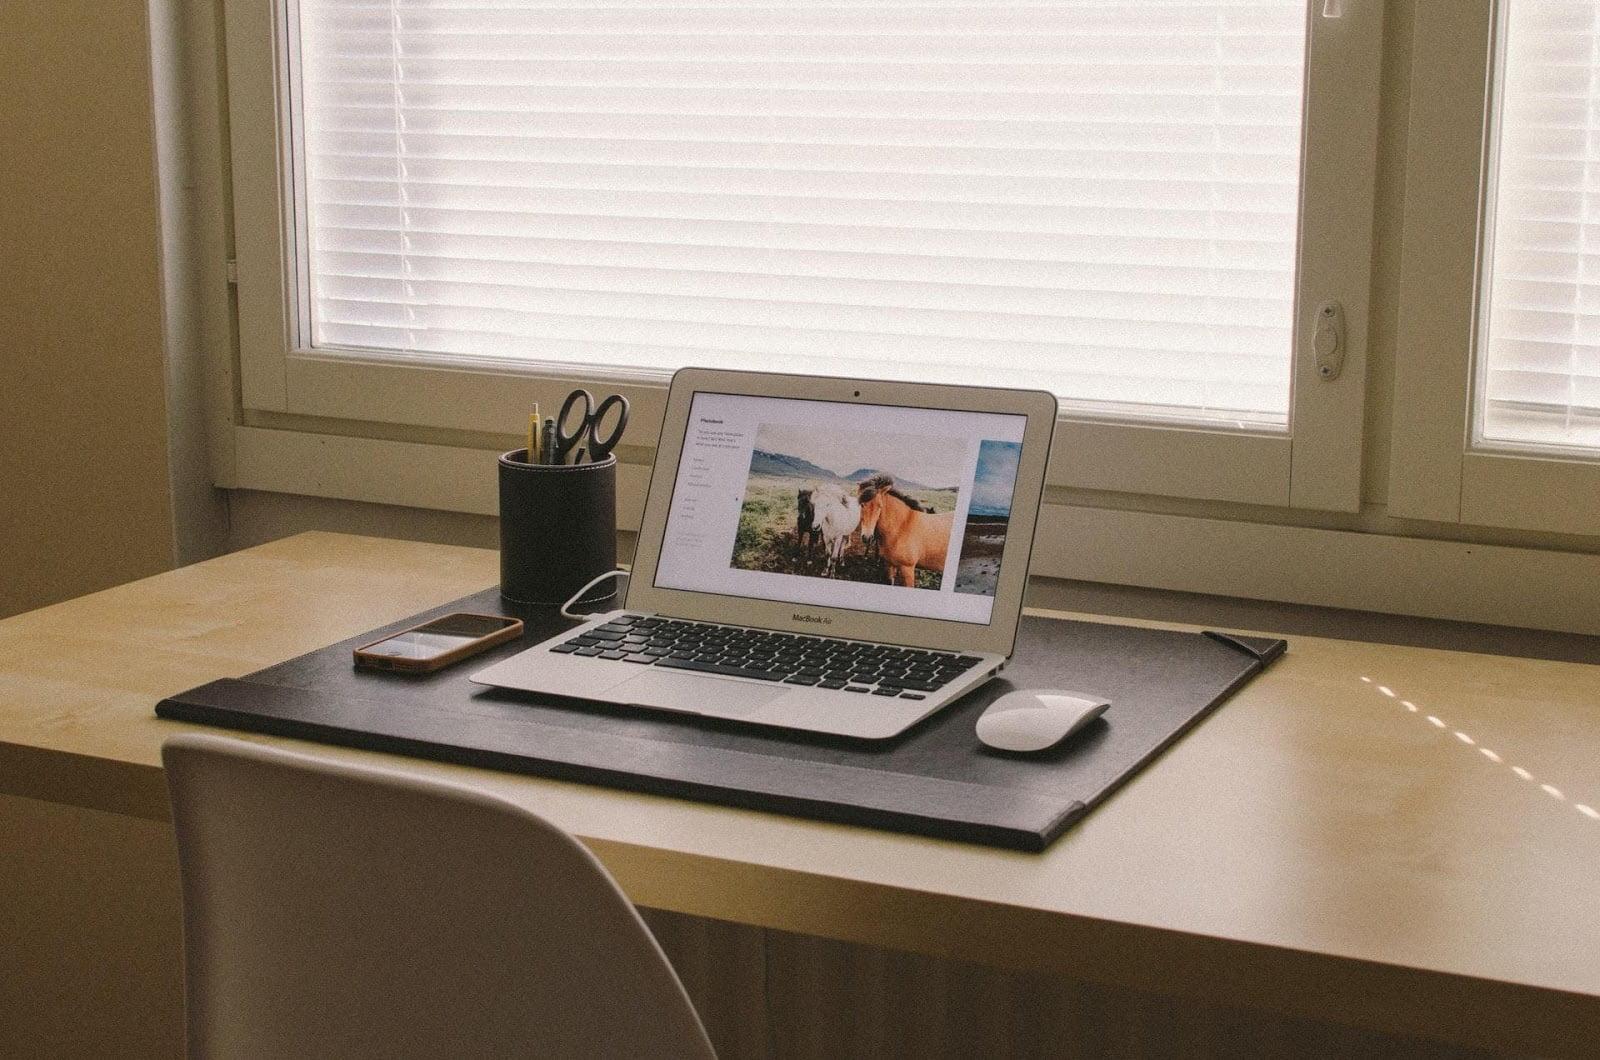 macbook security software